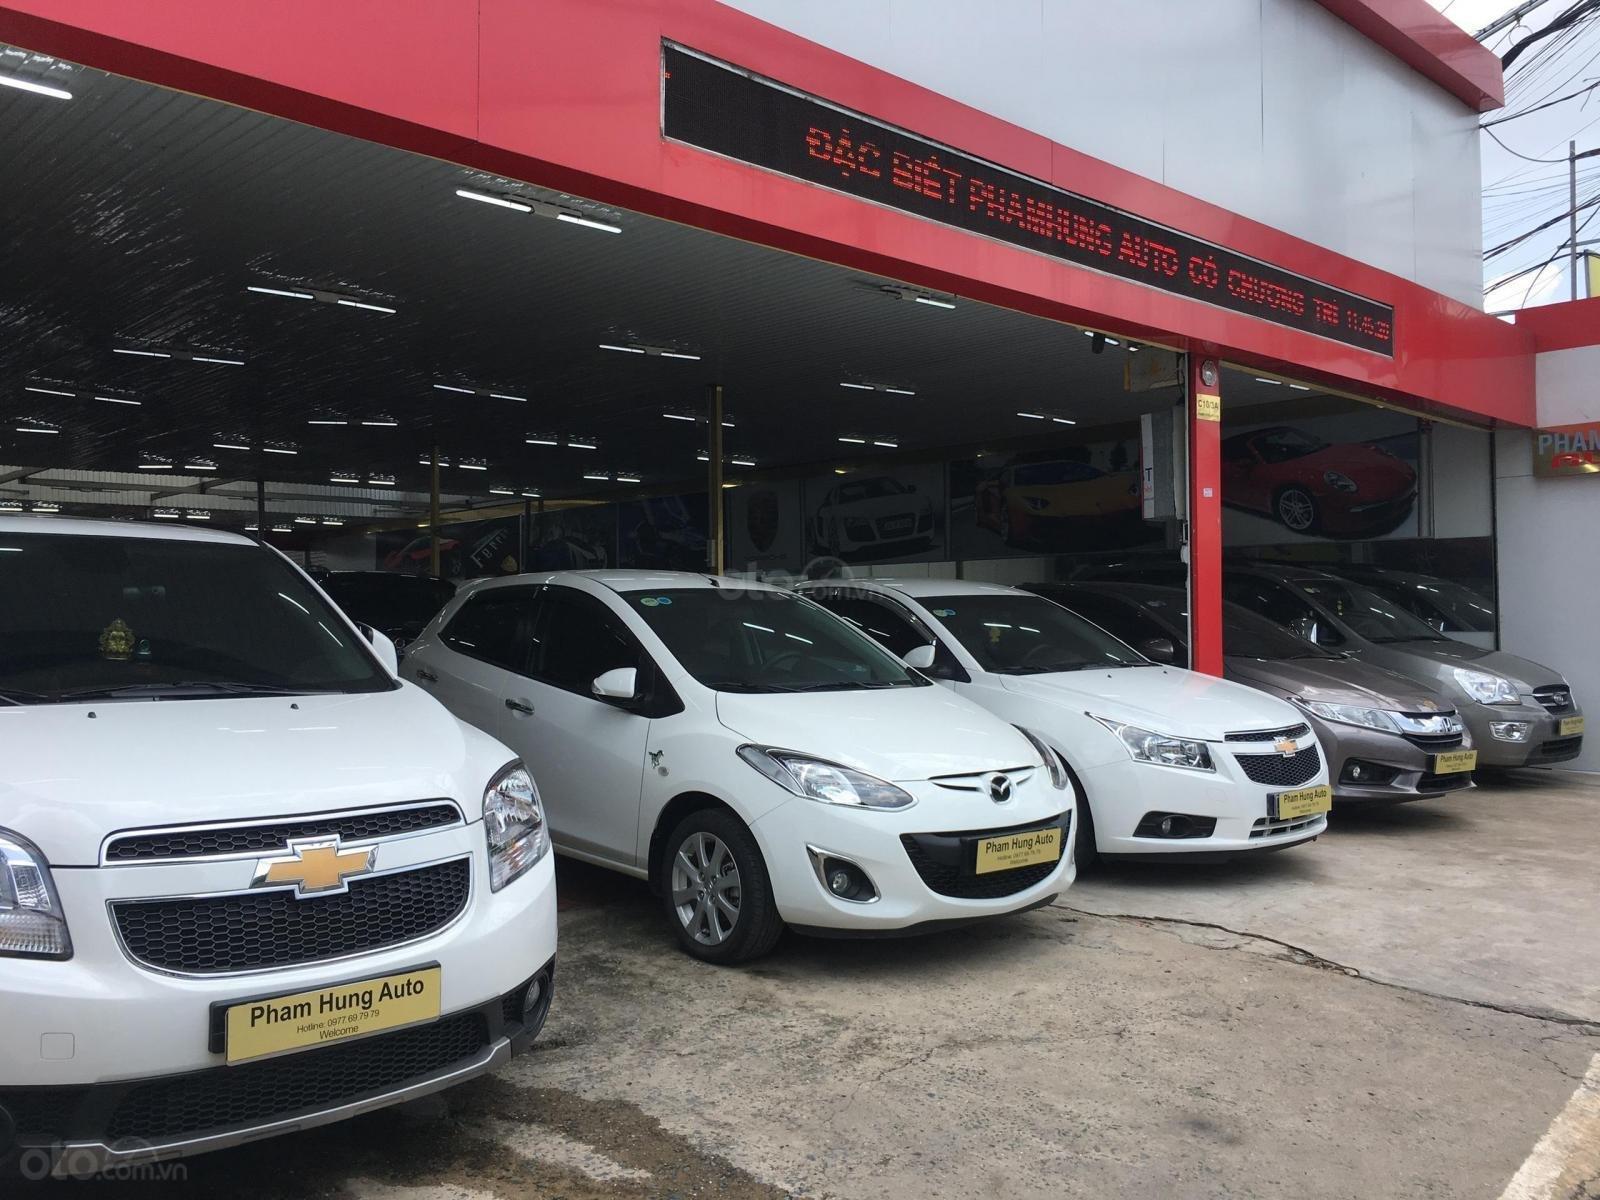 Phạm Hùng Auto (4)